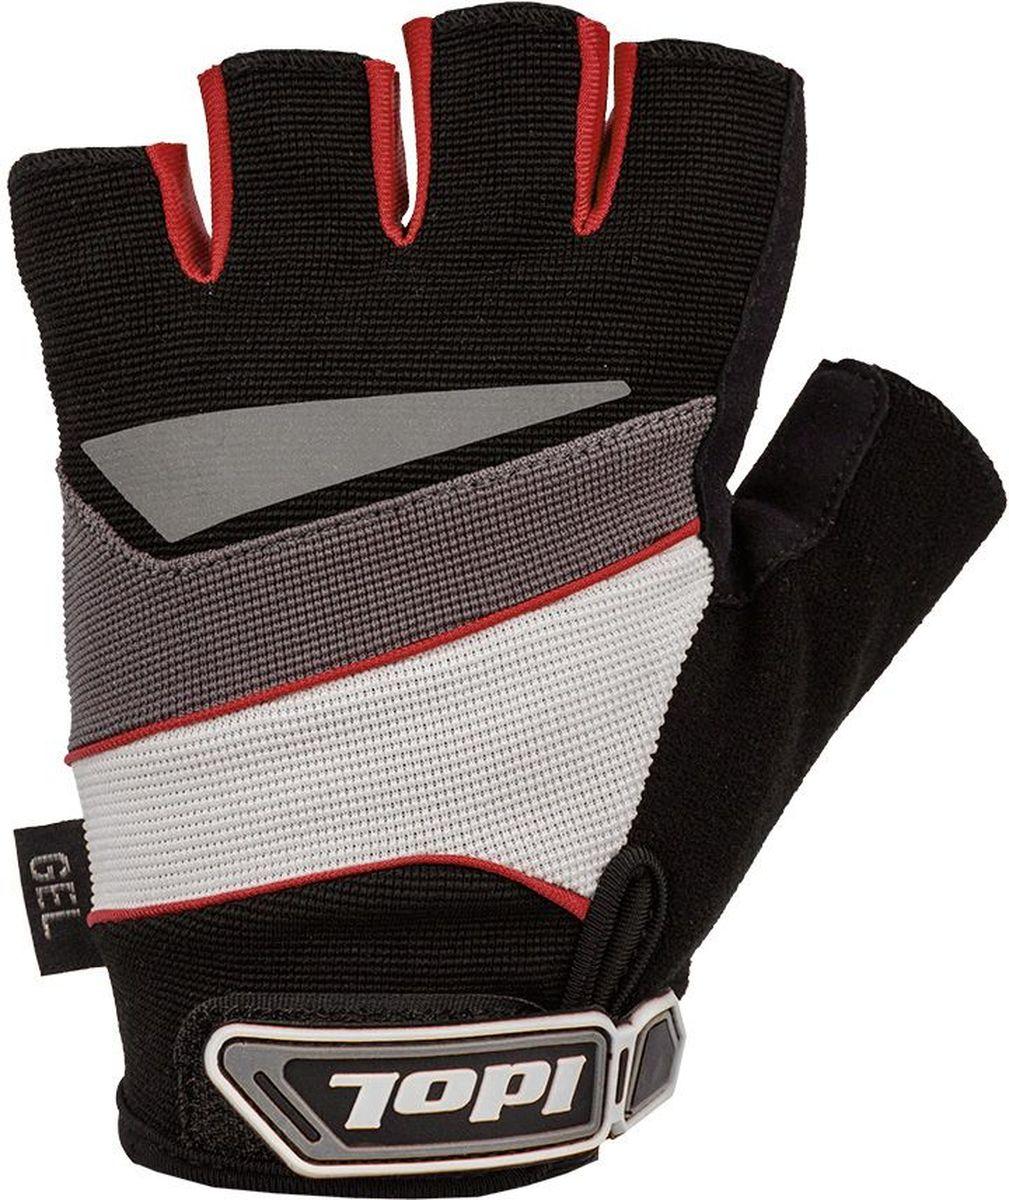 """Перчатки велосипедные Idol """"Lech"""", цвет: черный, красный. Размер M 2703"""